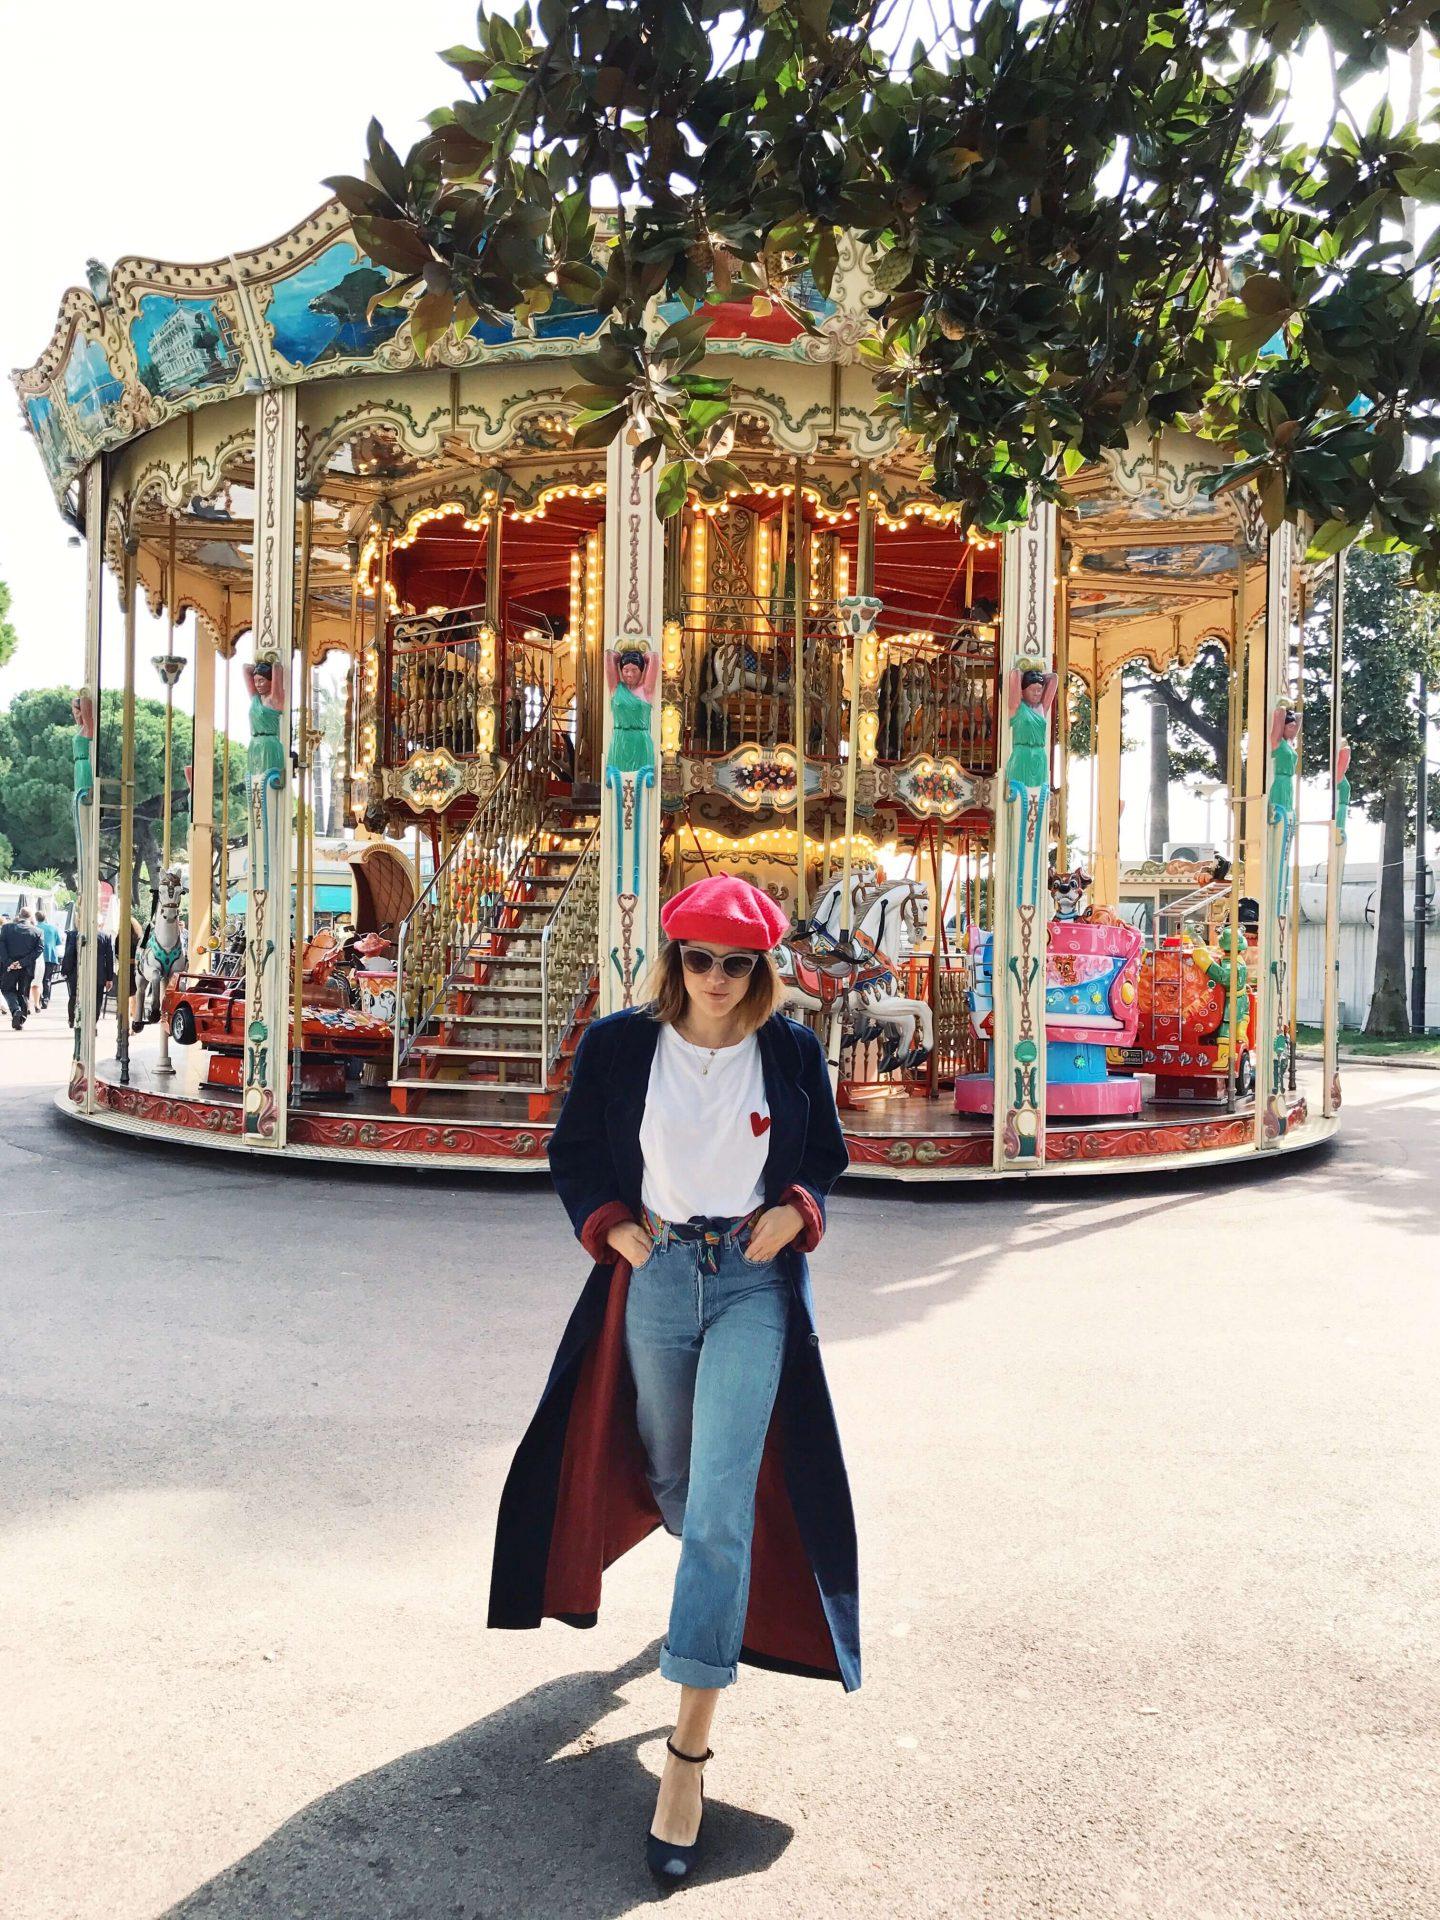 Cannes hôtel Majestic Barrière bonnes adresses restaurants L'atelier d'al blog mode lifetsyle travel voyage